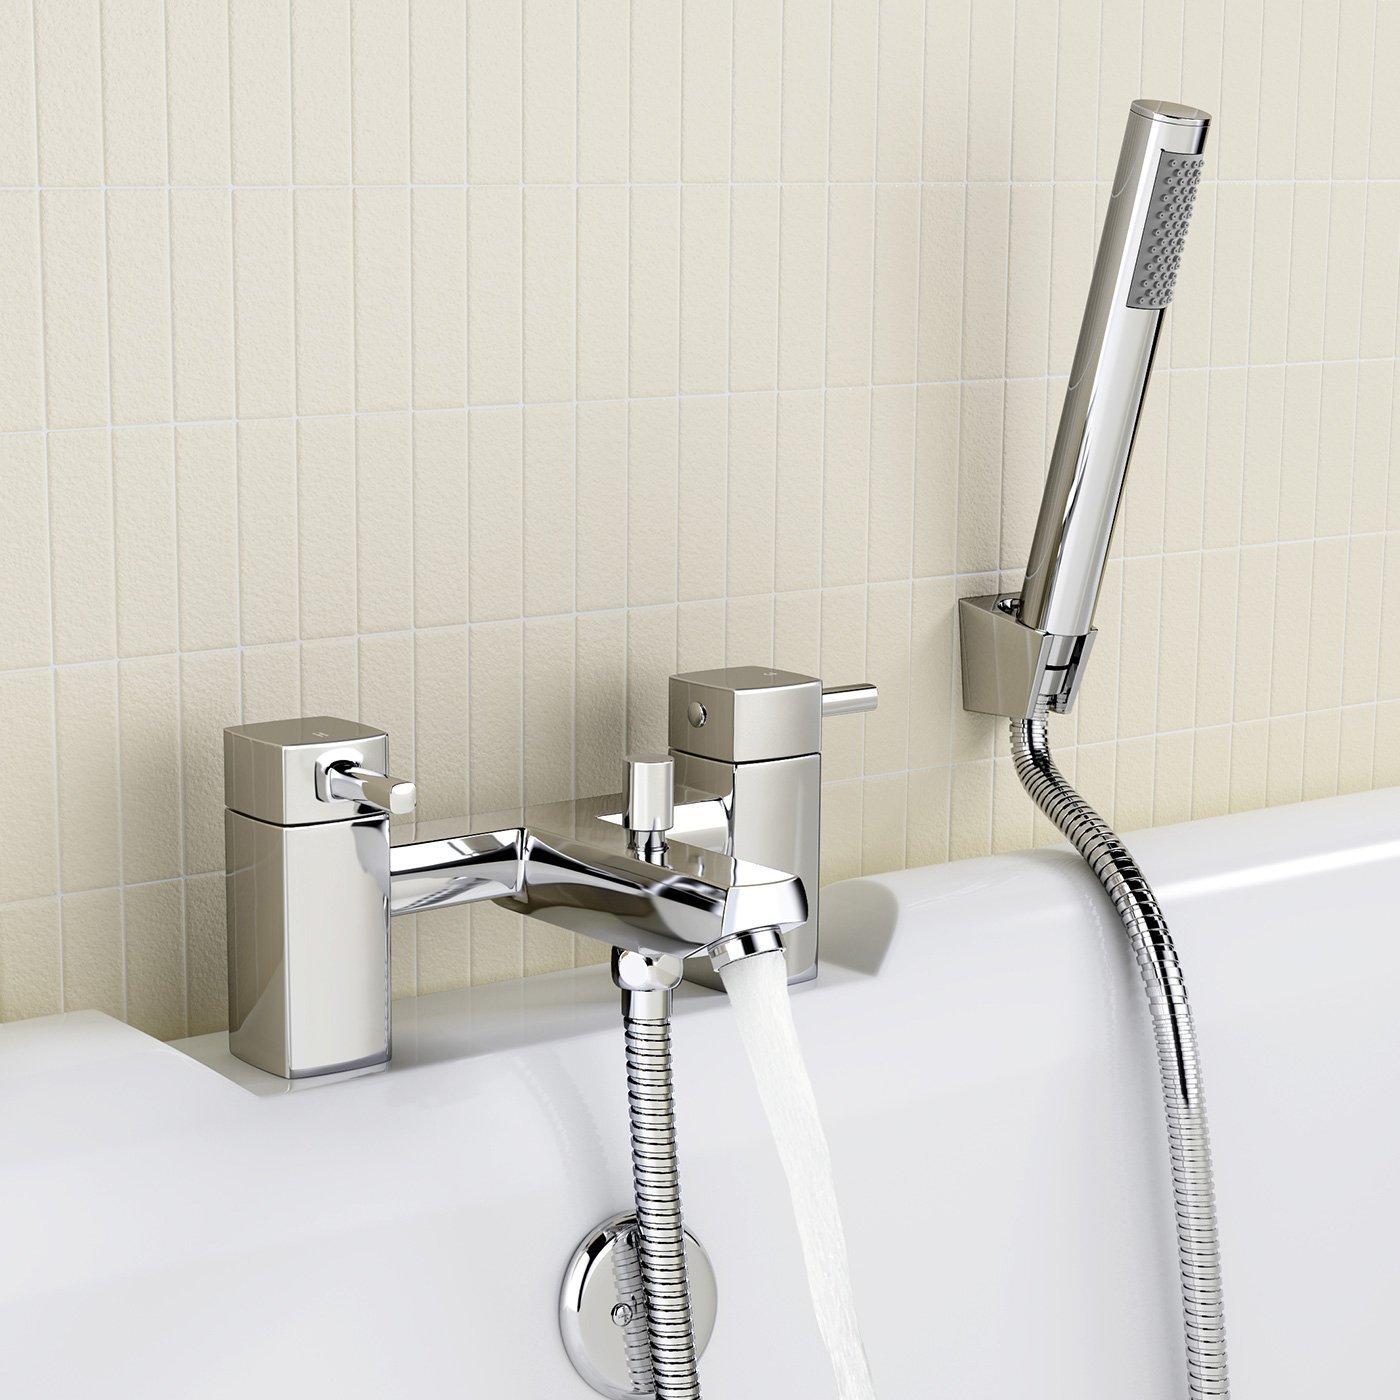 iBath robinet m/élangeur de lavabo Avec Bec de remplissage bain douche Ensemble de t/êtes de Tp67